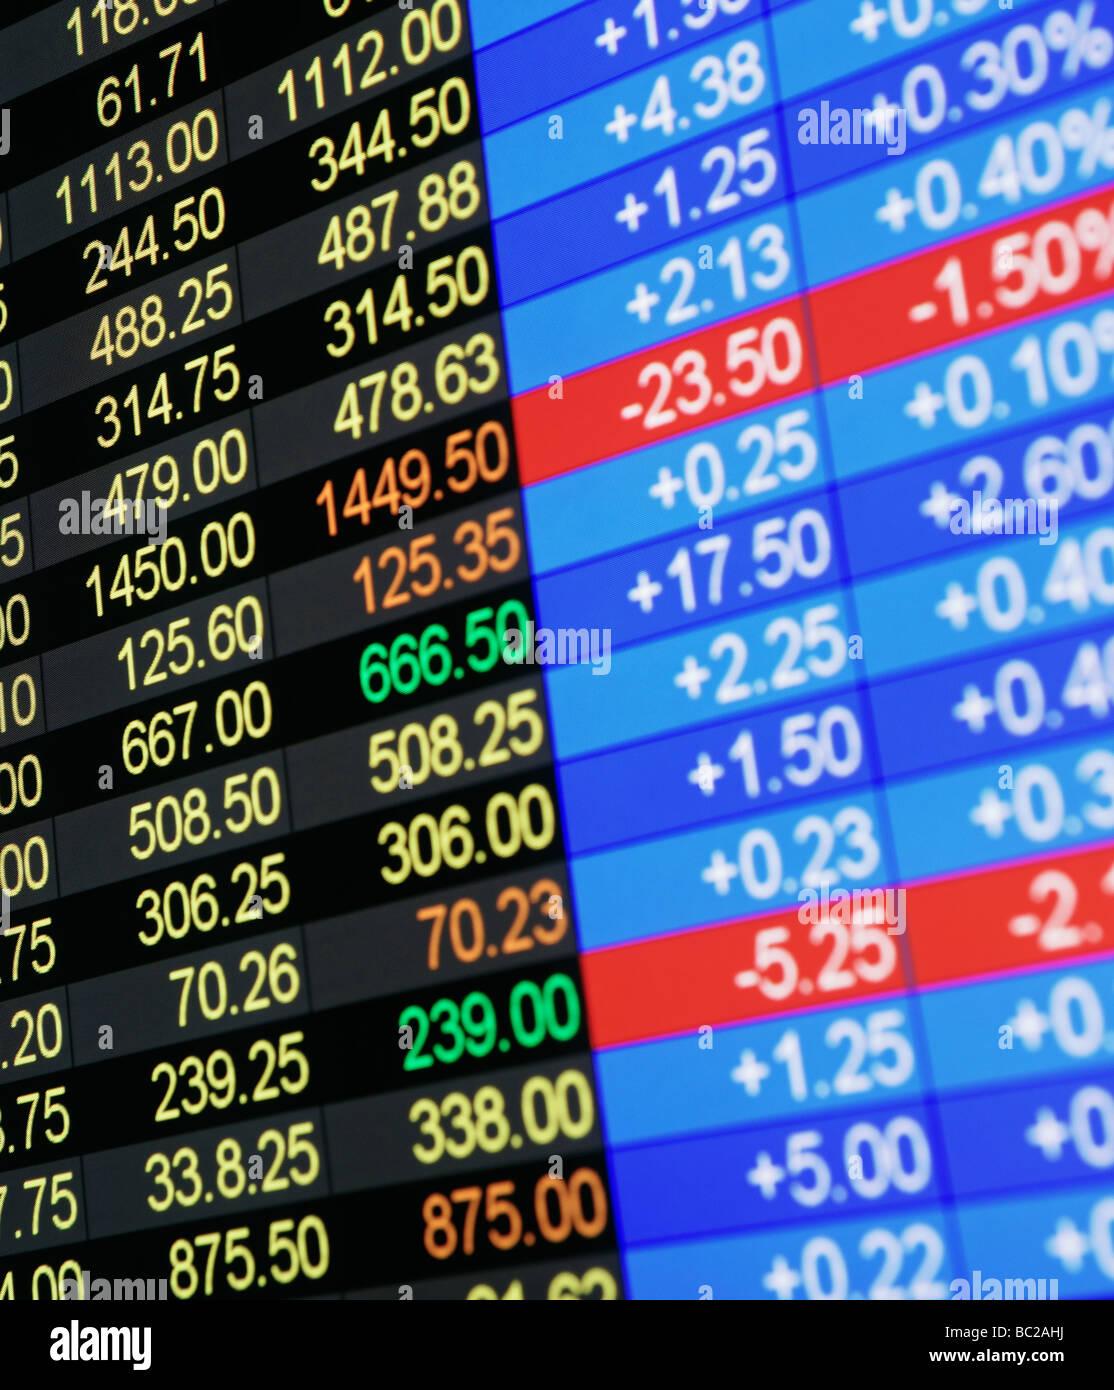 Prezzo sul mercato azionario citazioni Display Immagini Stock